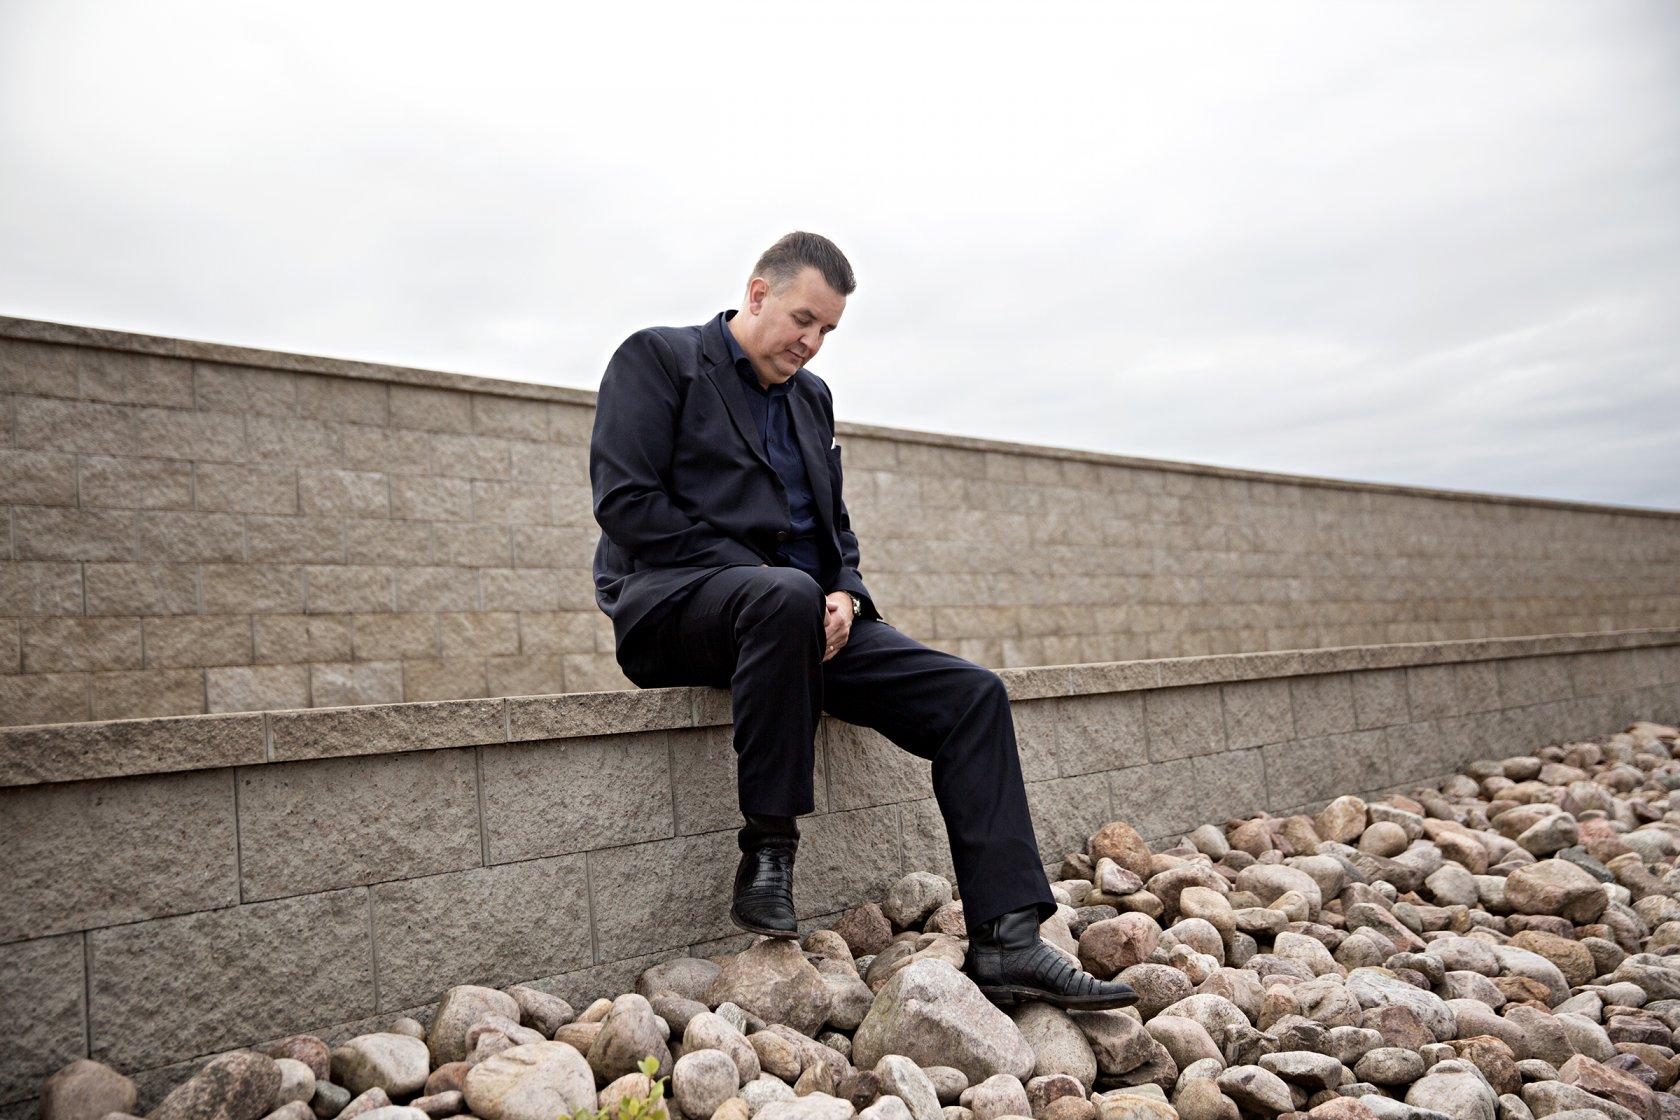 Drømmen om at bo bag mur og hegn er kommet til Skandinavien ...